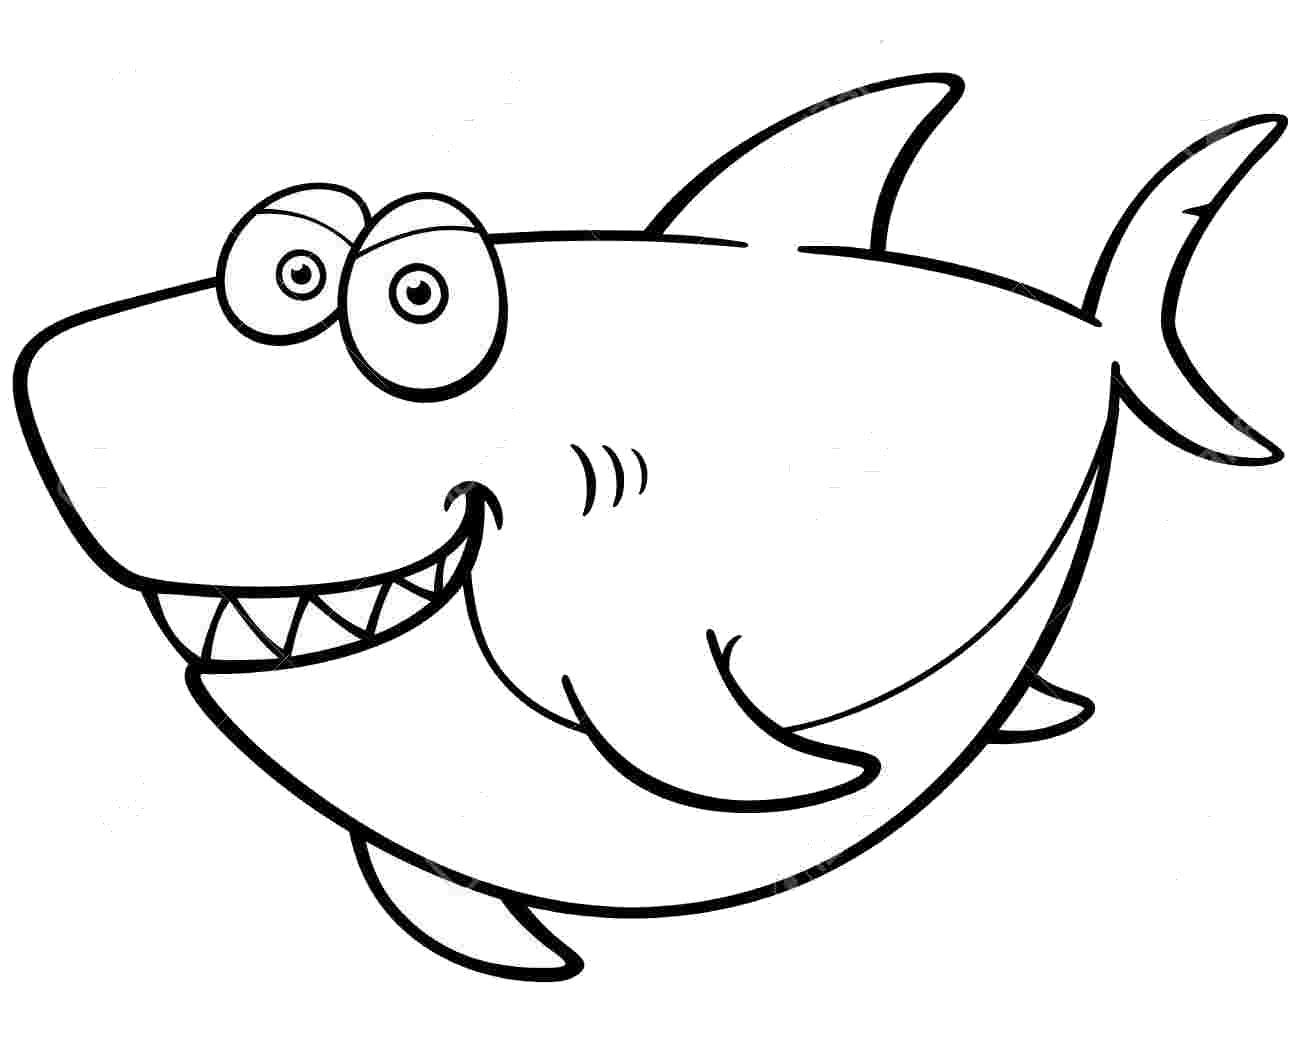 Tranh tô màu cá mập hài hước nhất